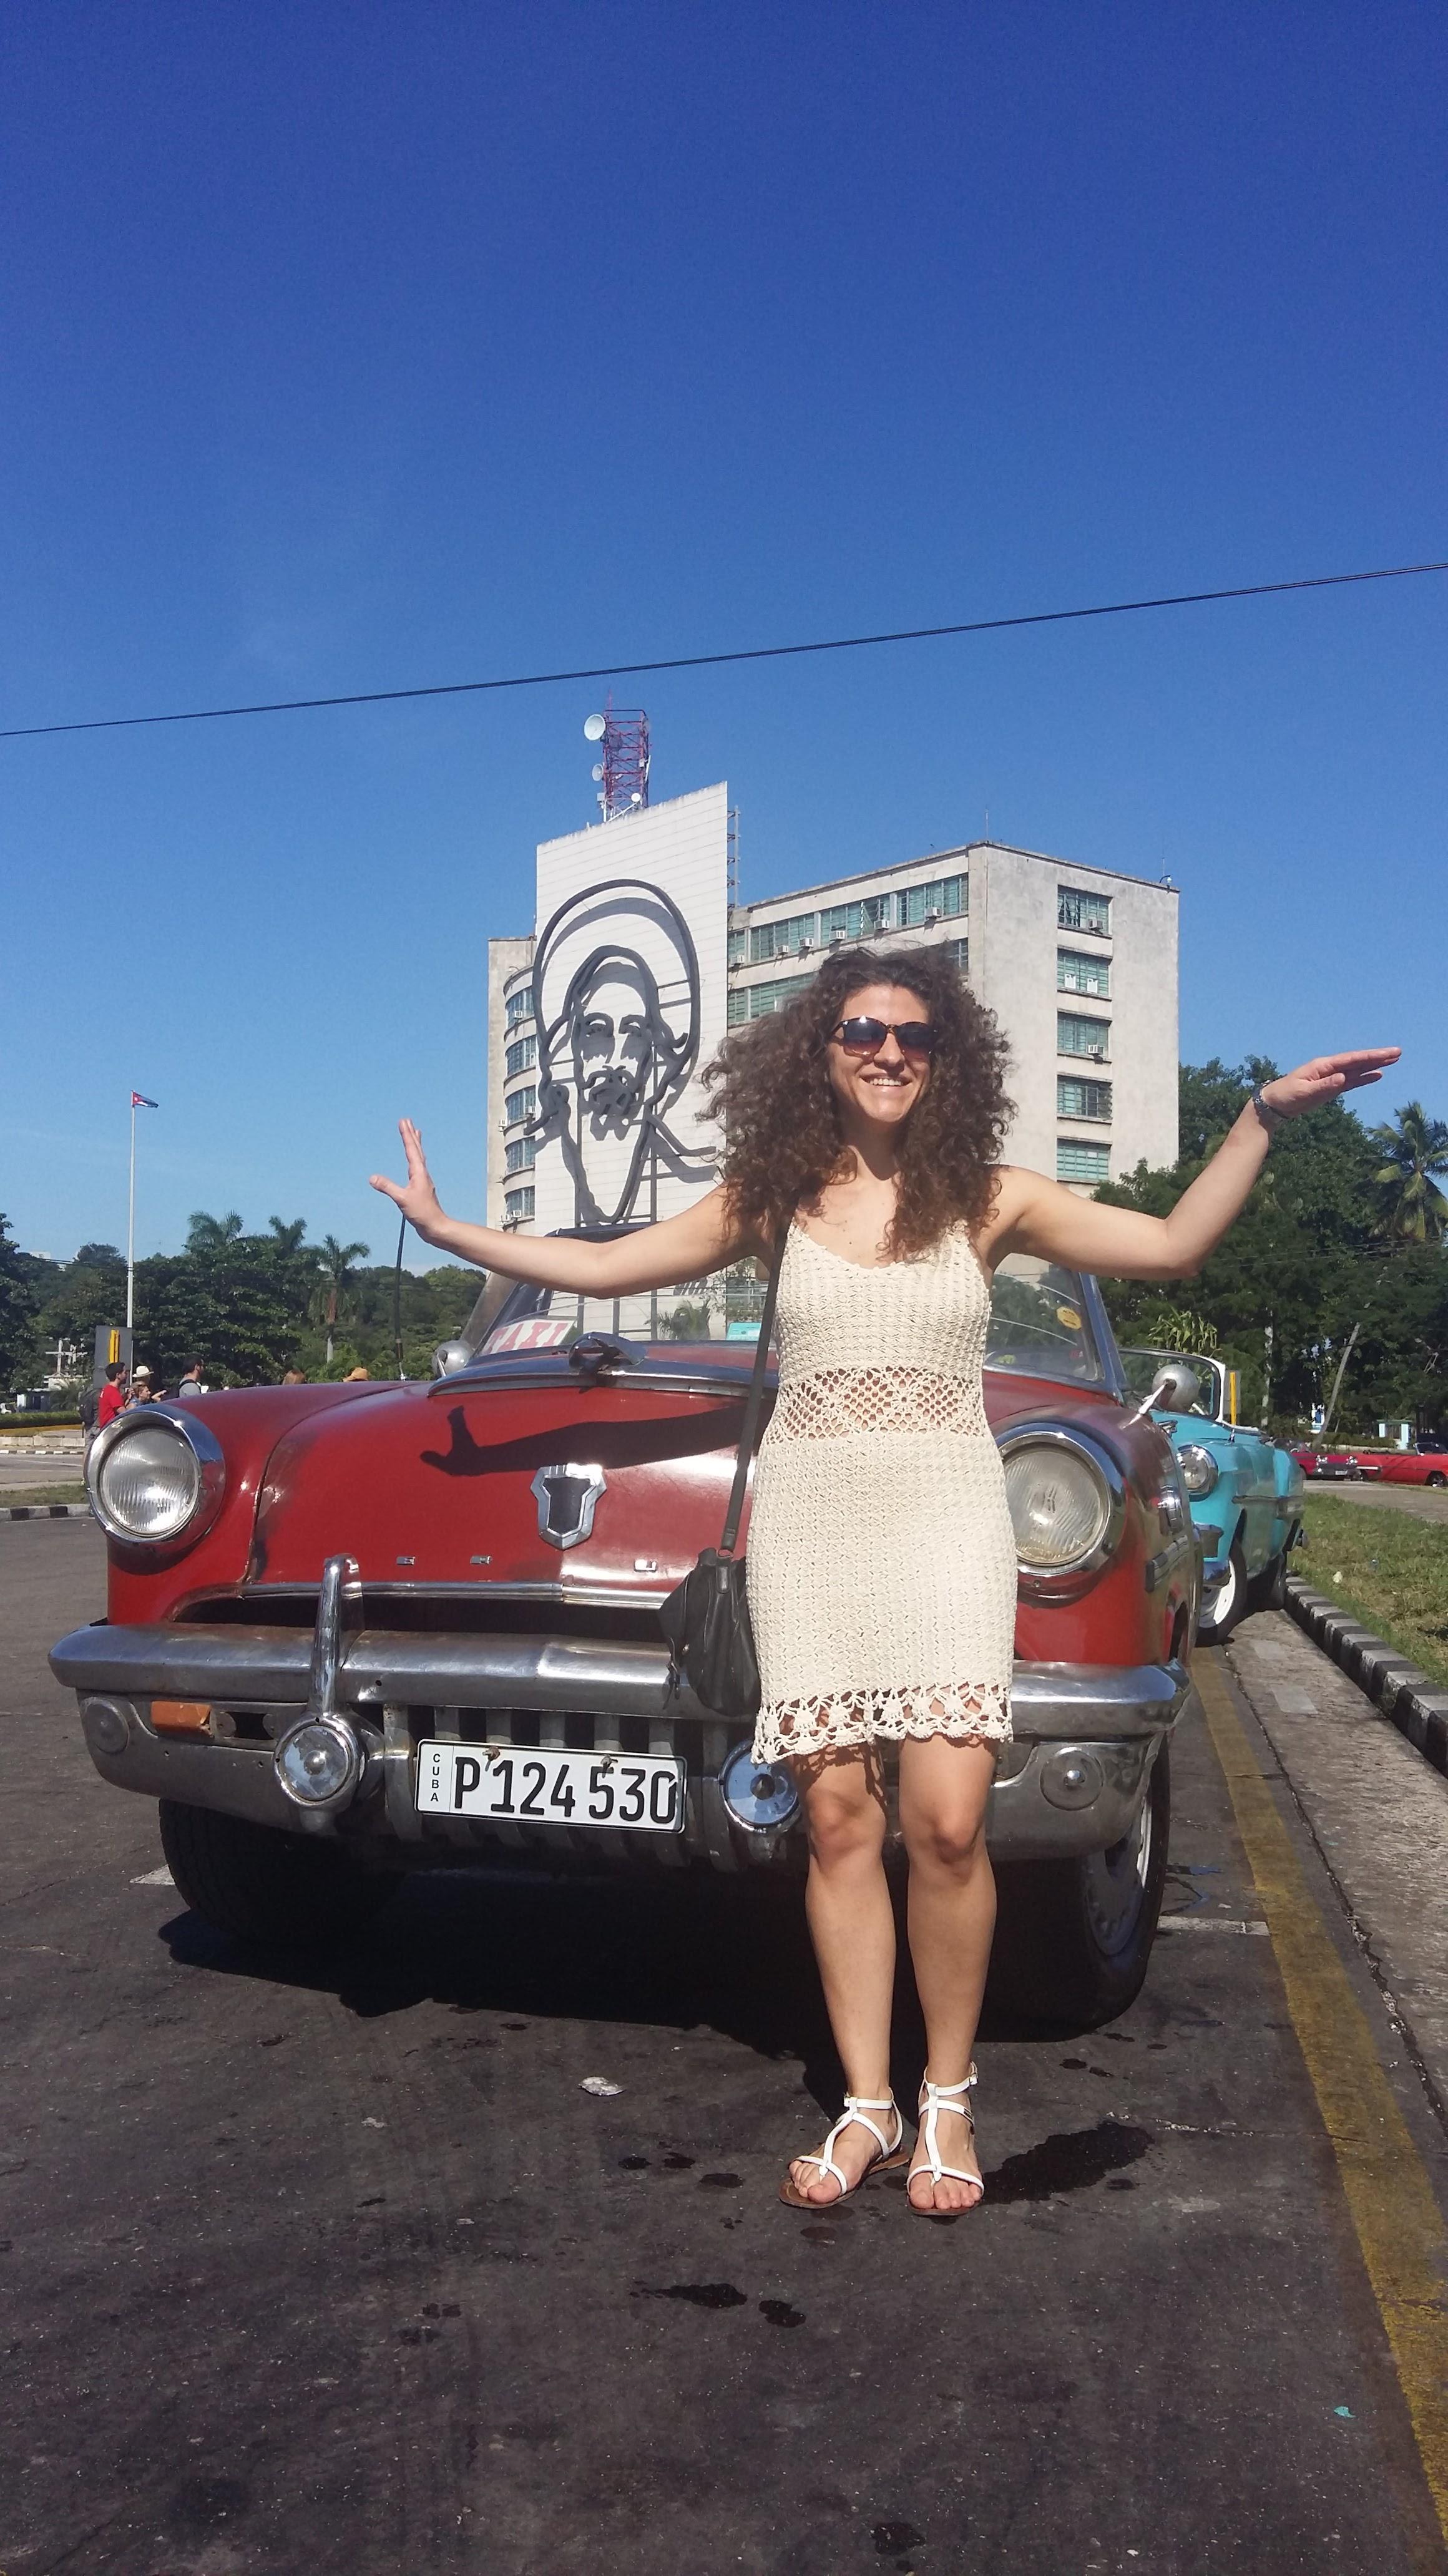 plaza-revolución-havana-cuba